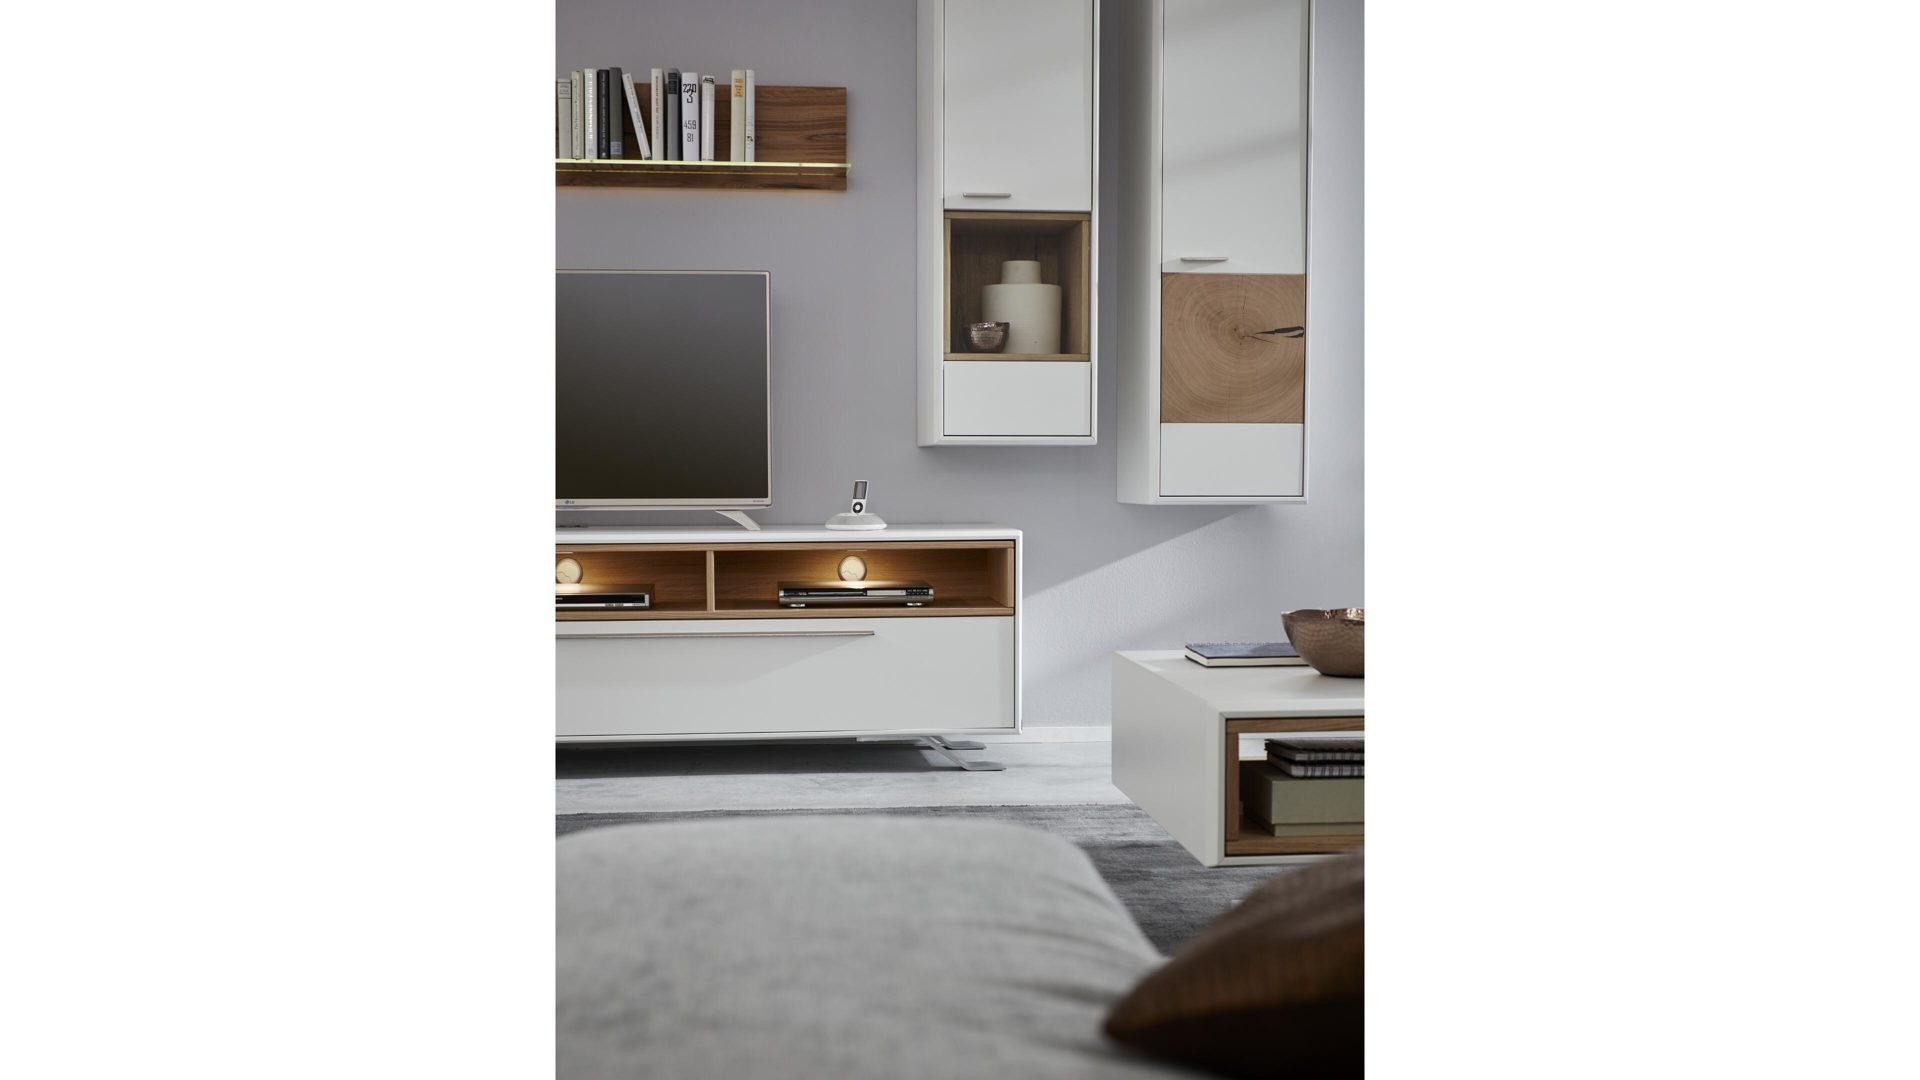 interliving wohnzimmer serie 2102 wohnkombination